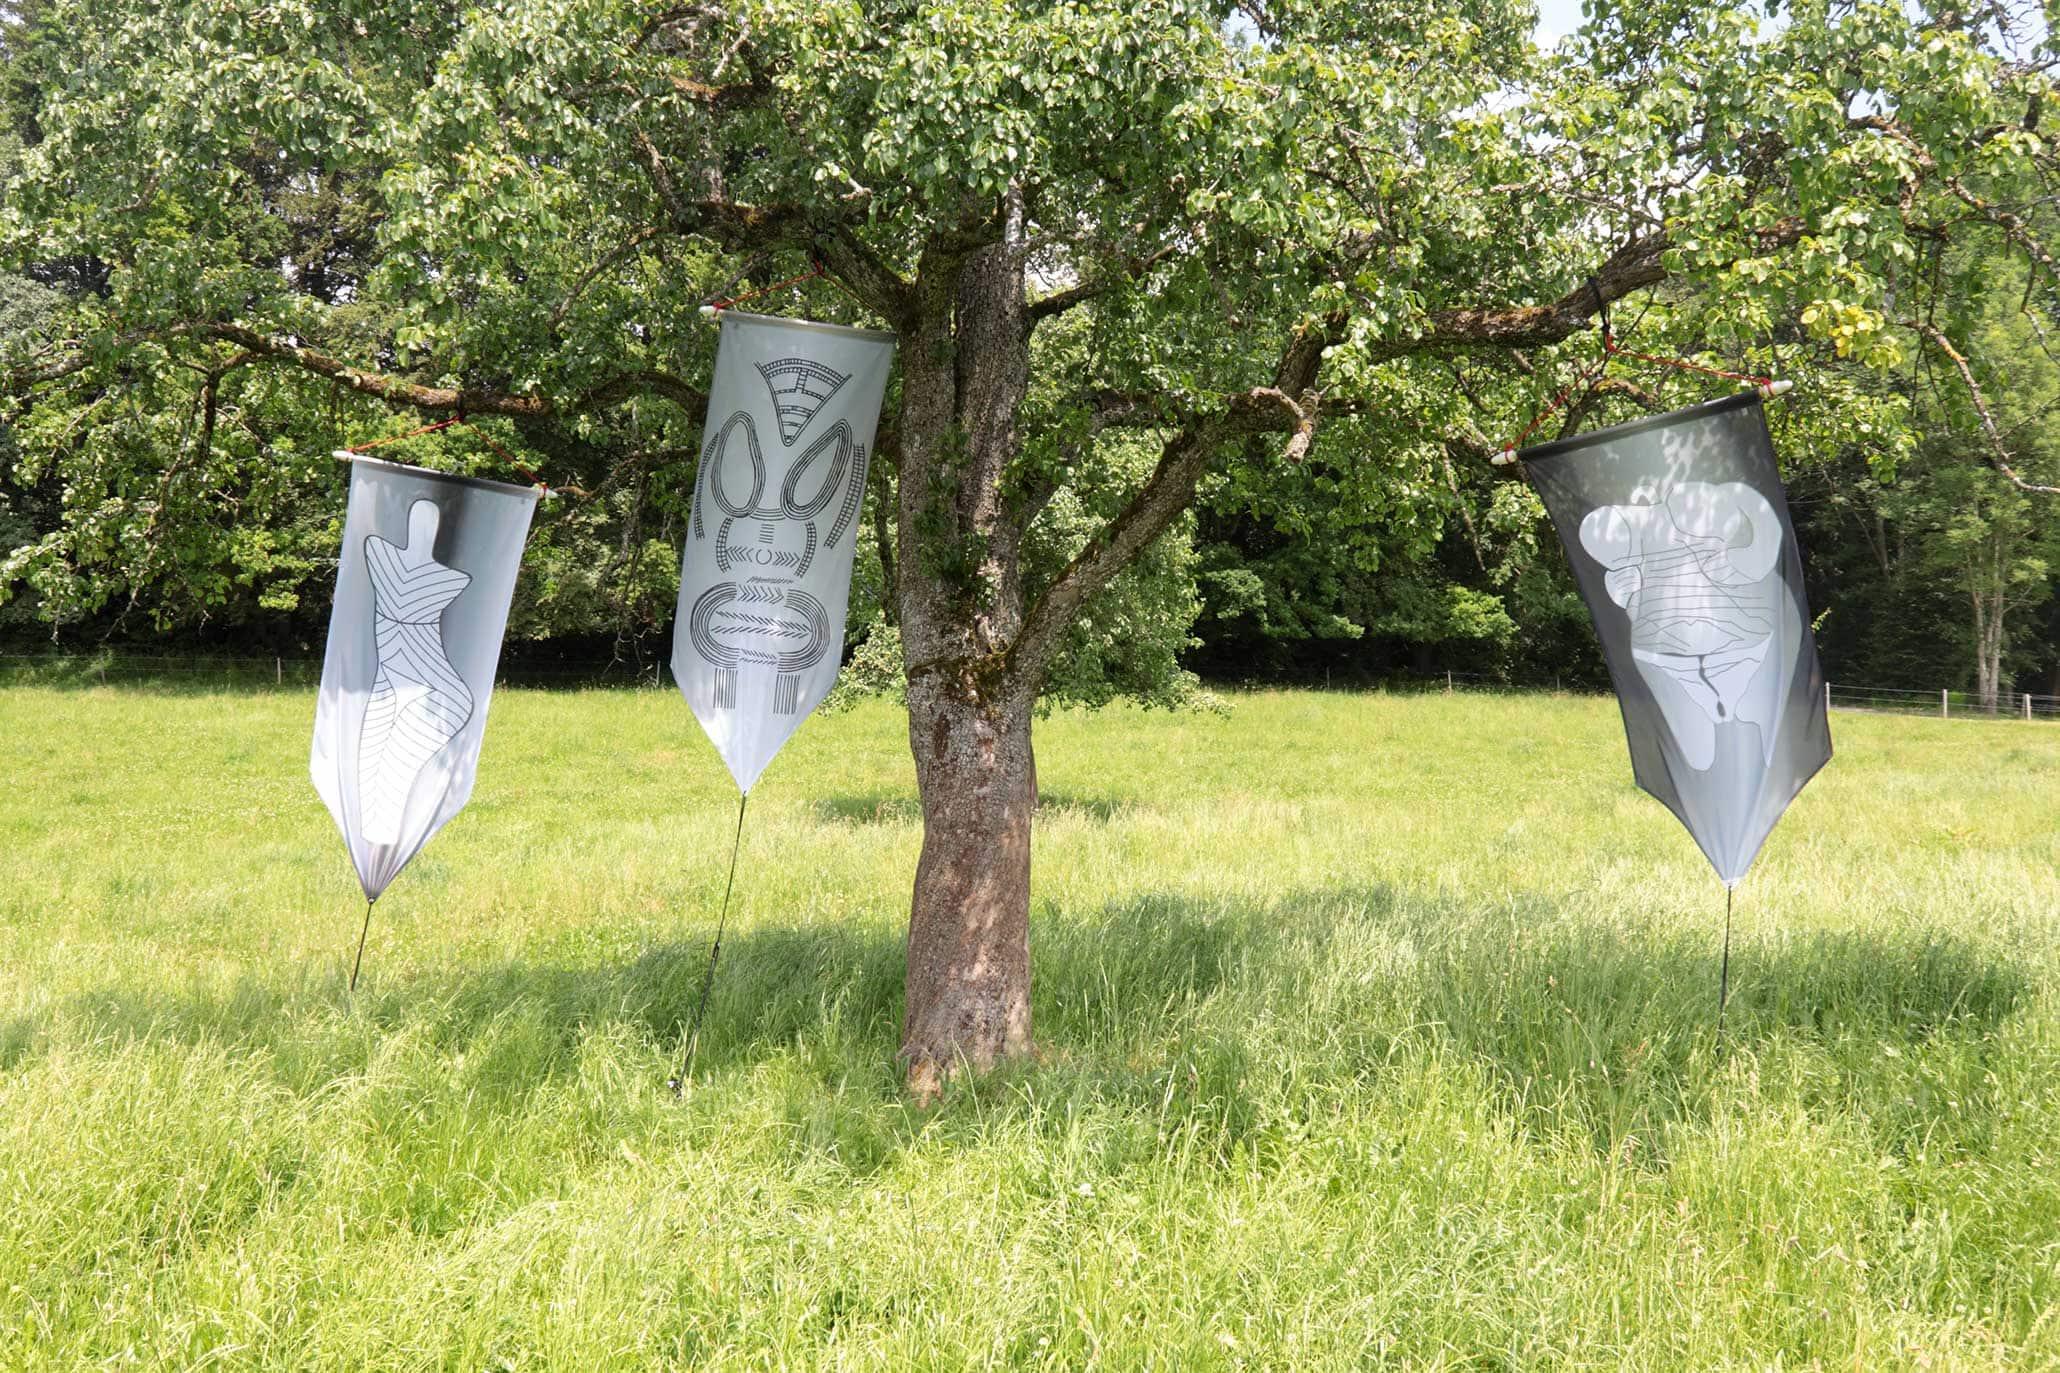 Ausstellung im Freien, auf dem Panoramaweg in Toggwil, Meilen (Zürich), Schweiz, 2014. Drei GLOBAL-VULVA-Flaggen an einem Baum.